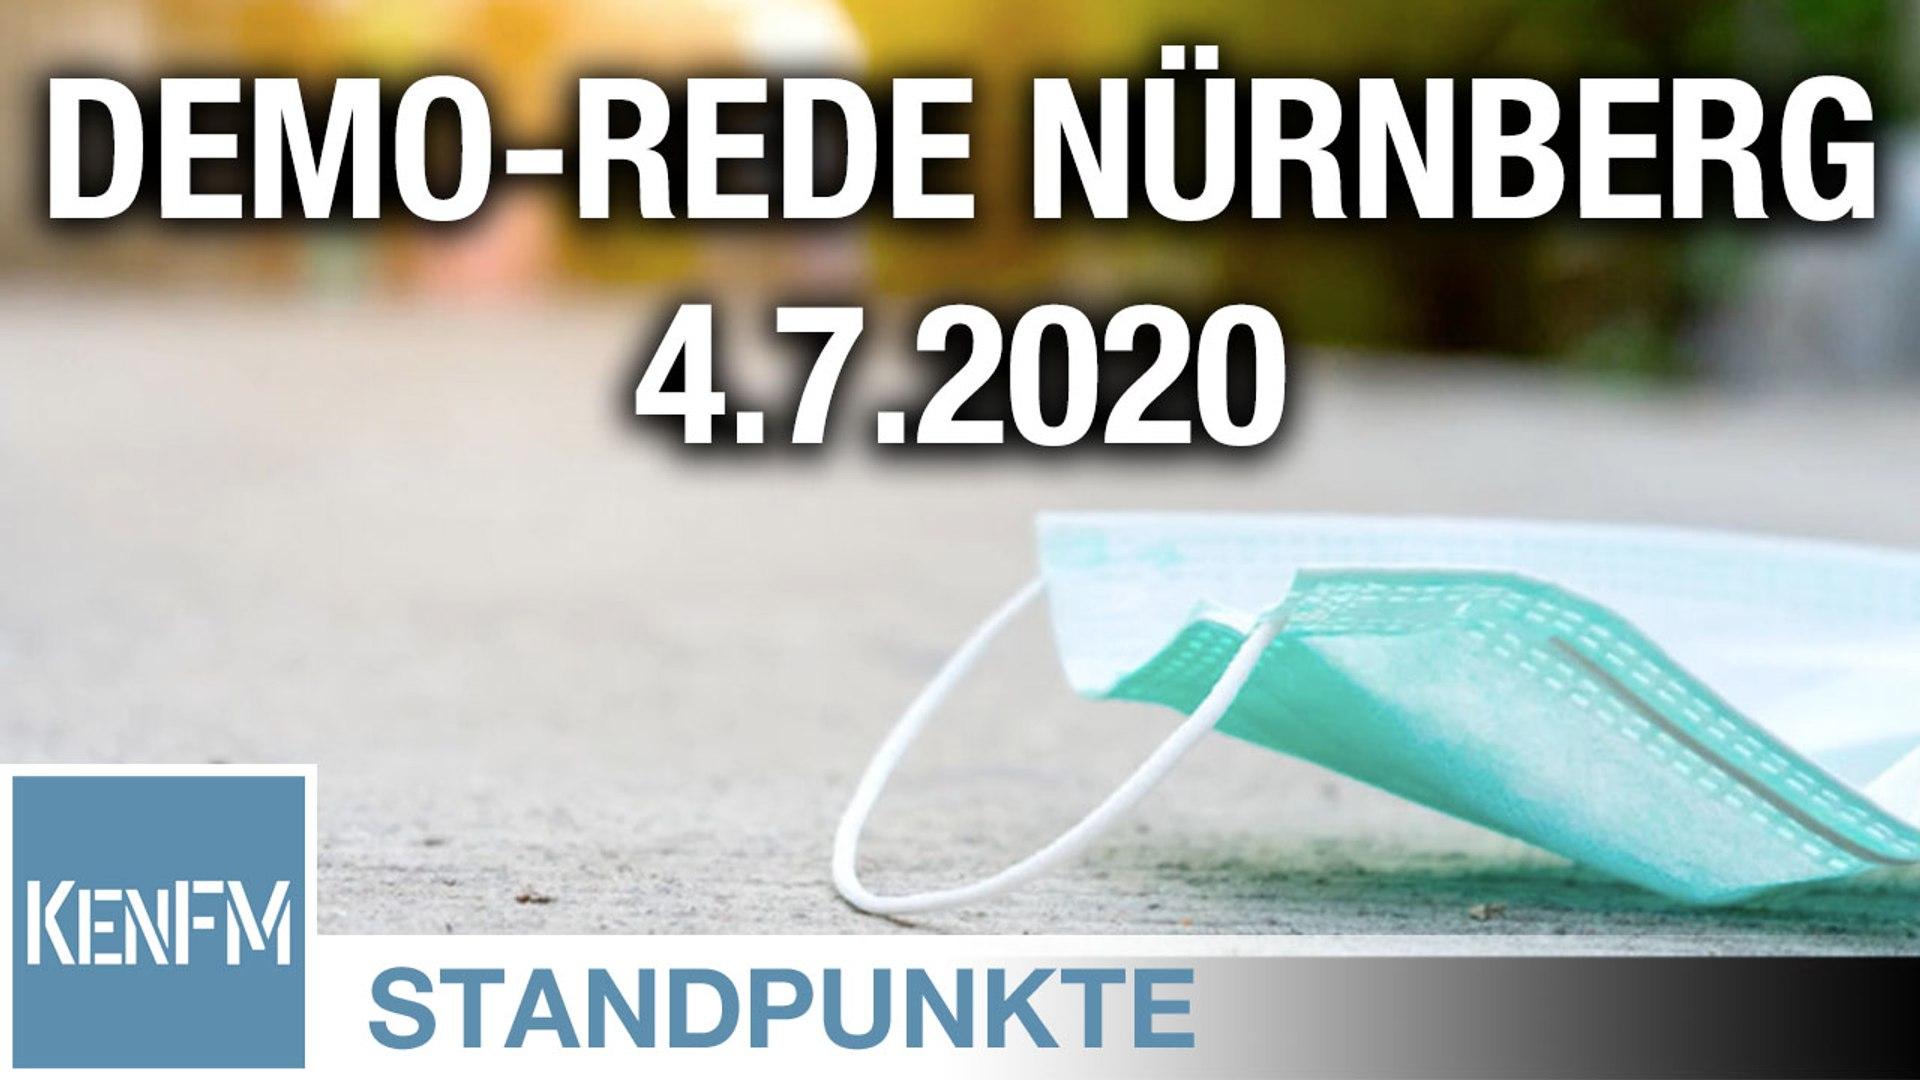 Demo-Rede Nürnberg 4.7.2020 | Von Christian Kreiß